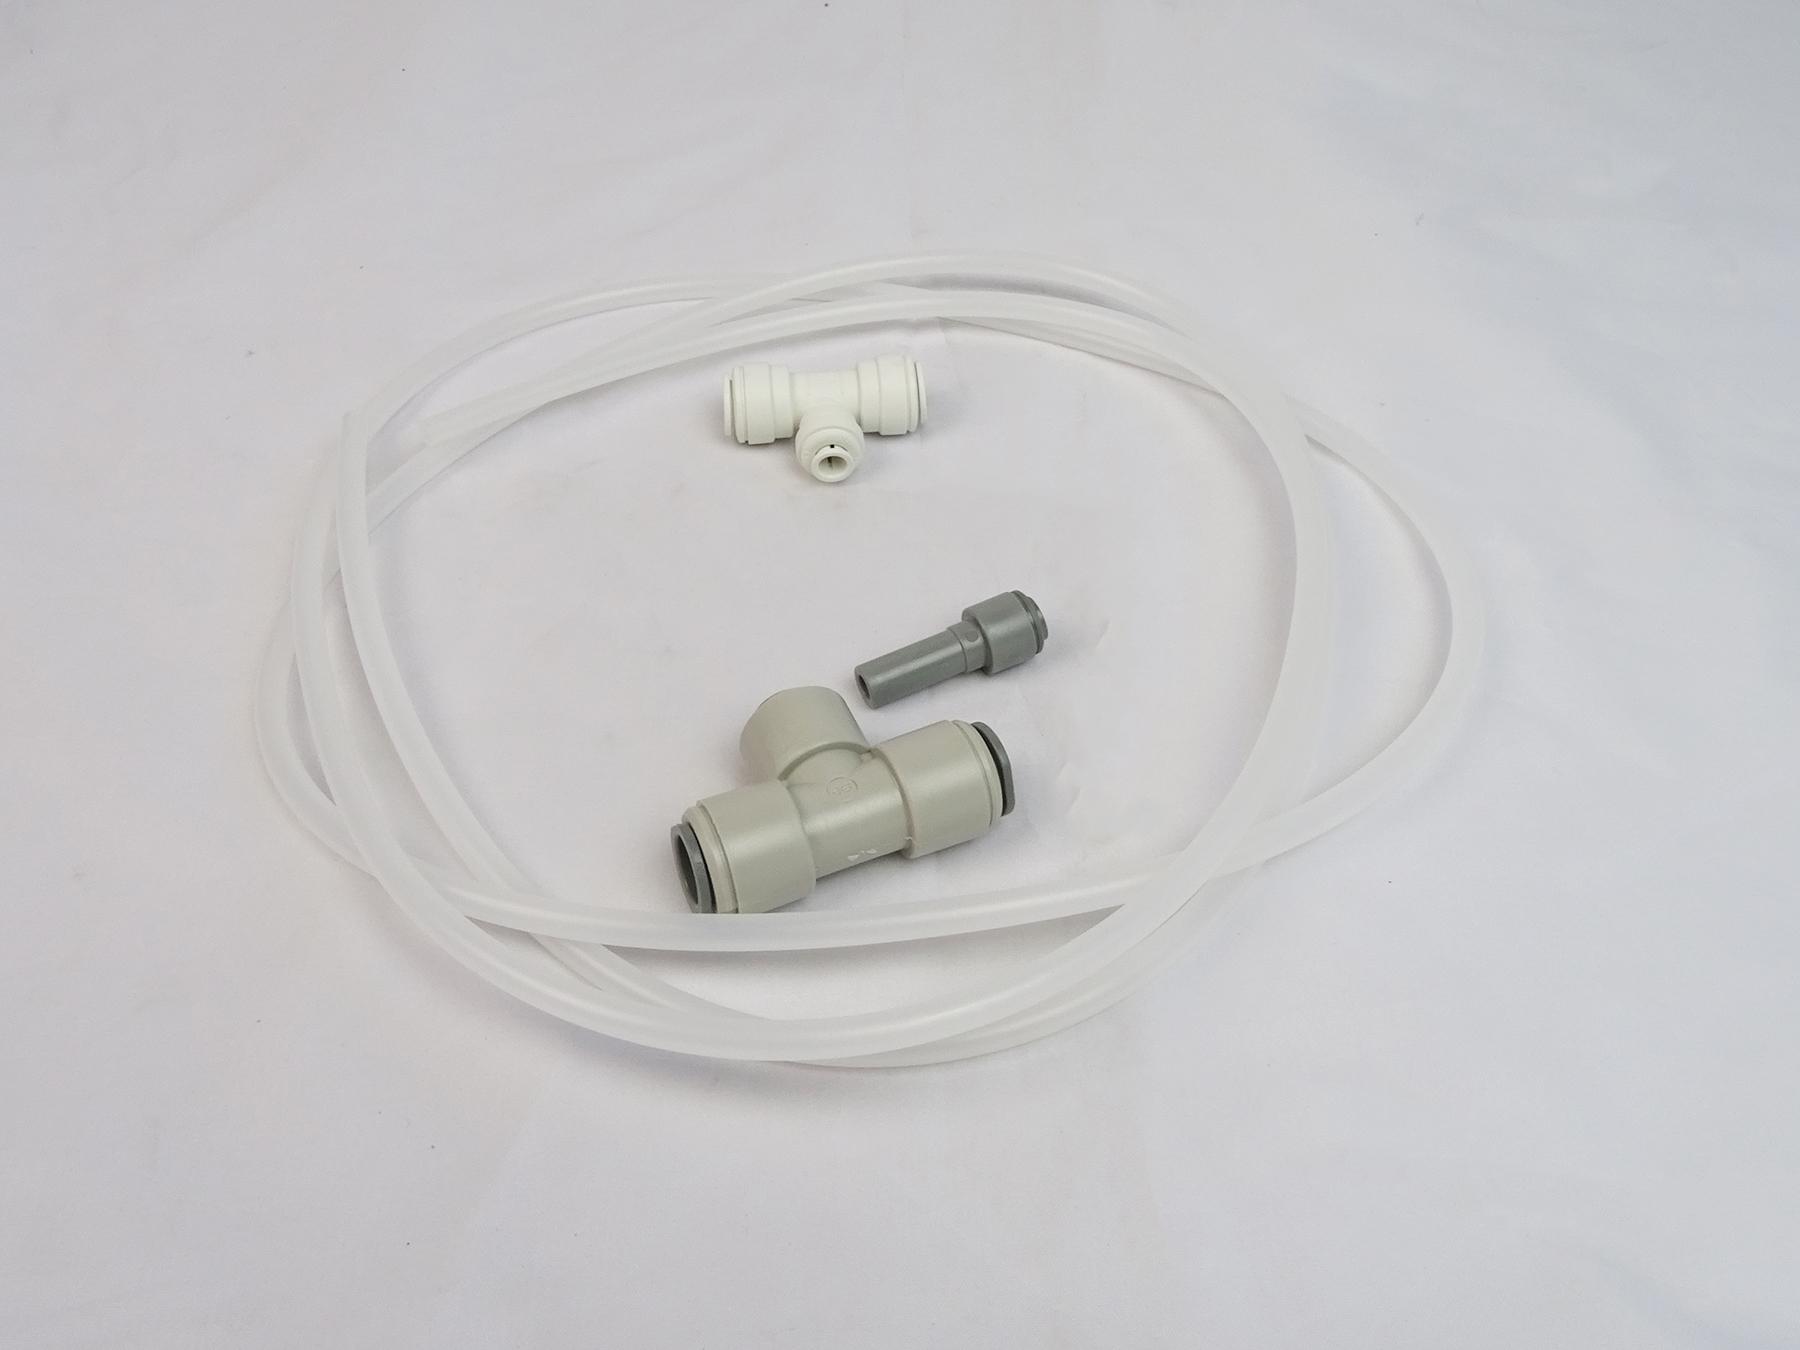 ice maker hook-up kit